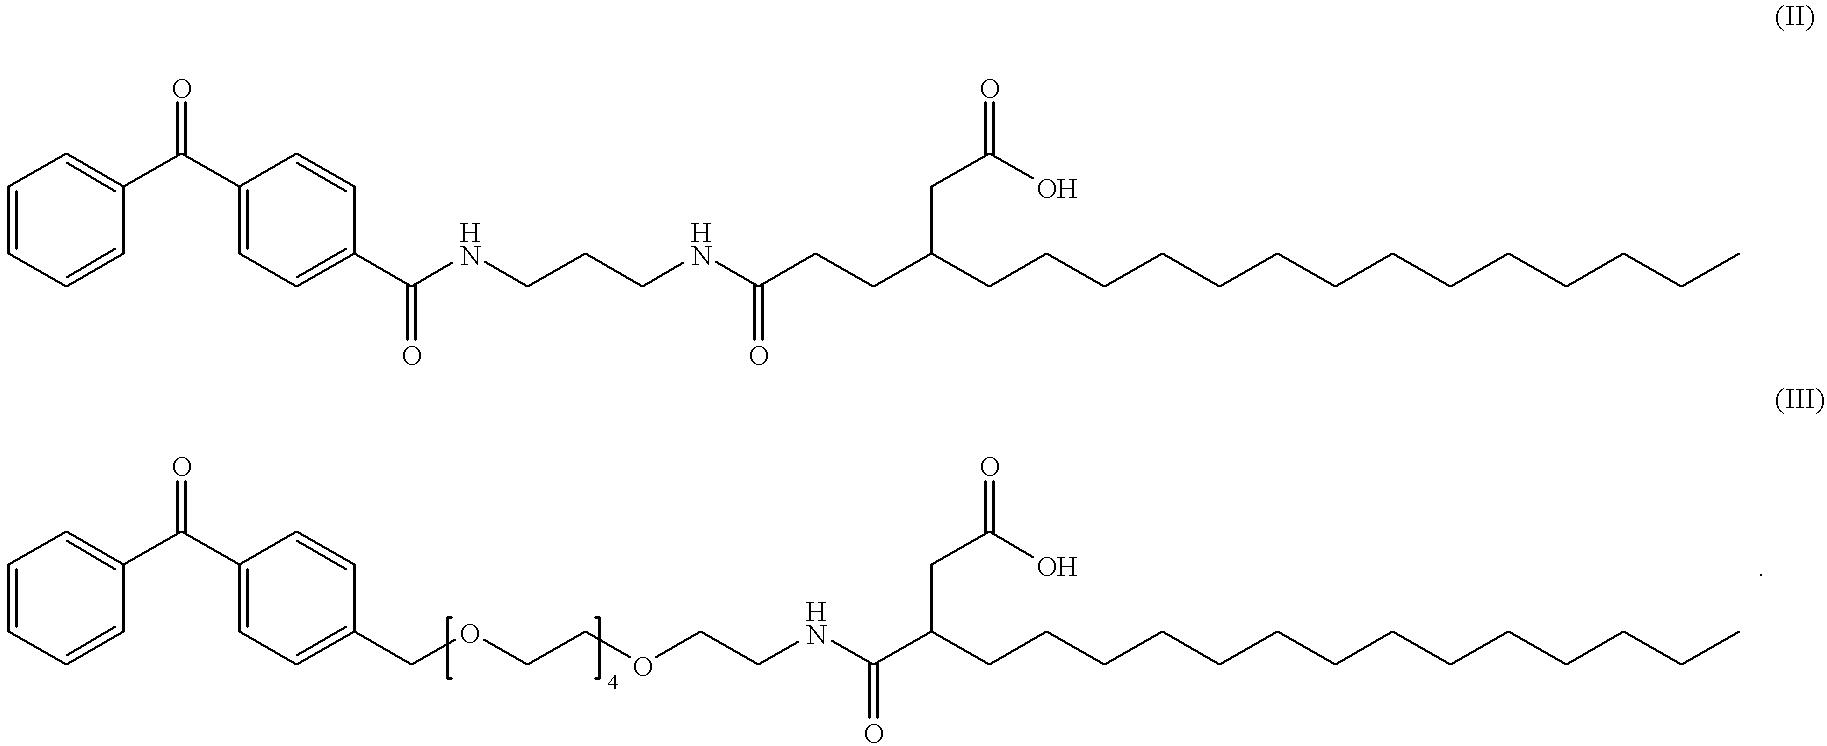 Figure US20010025196A1-20010927-C00005